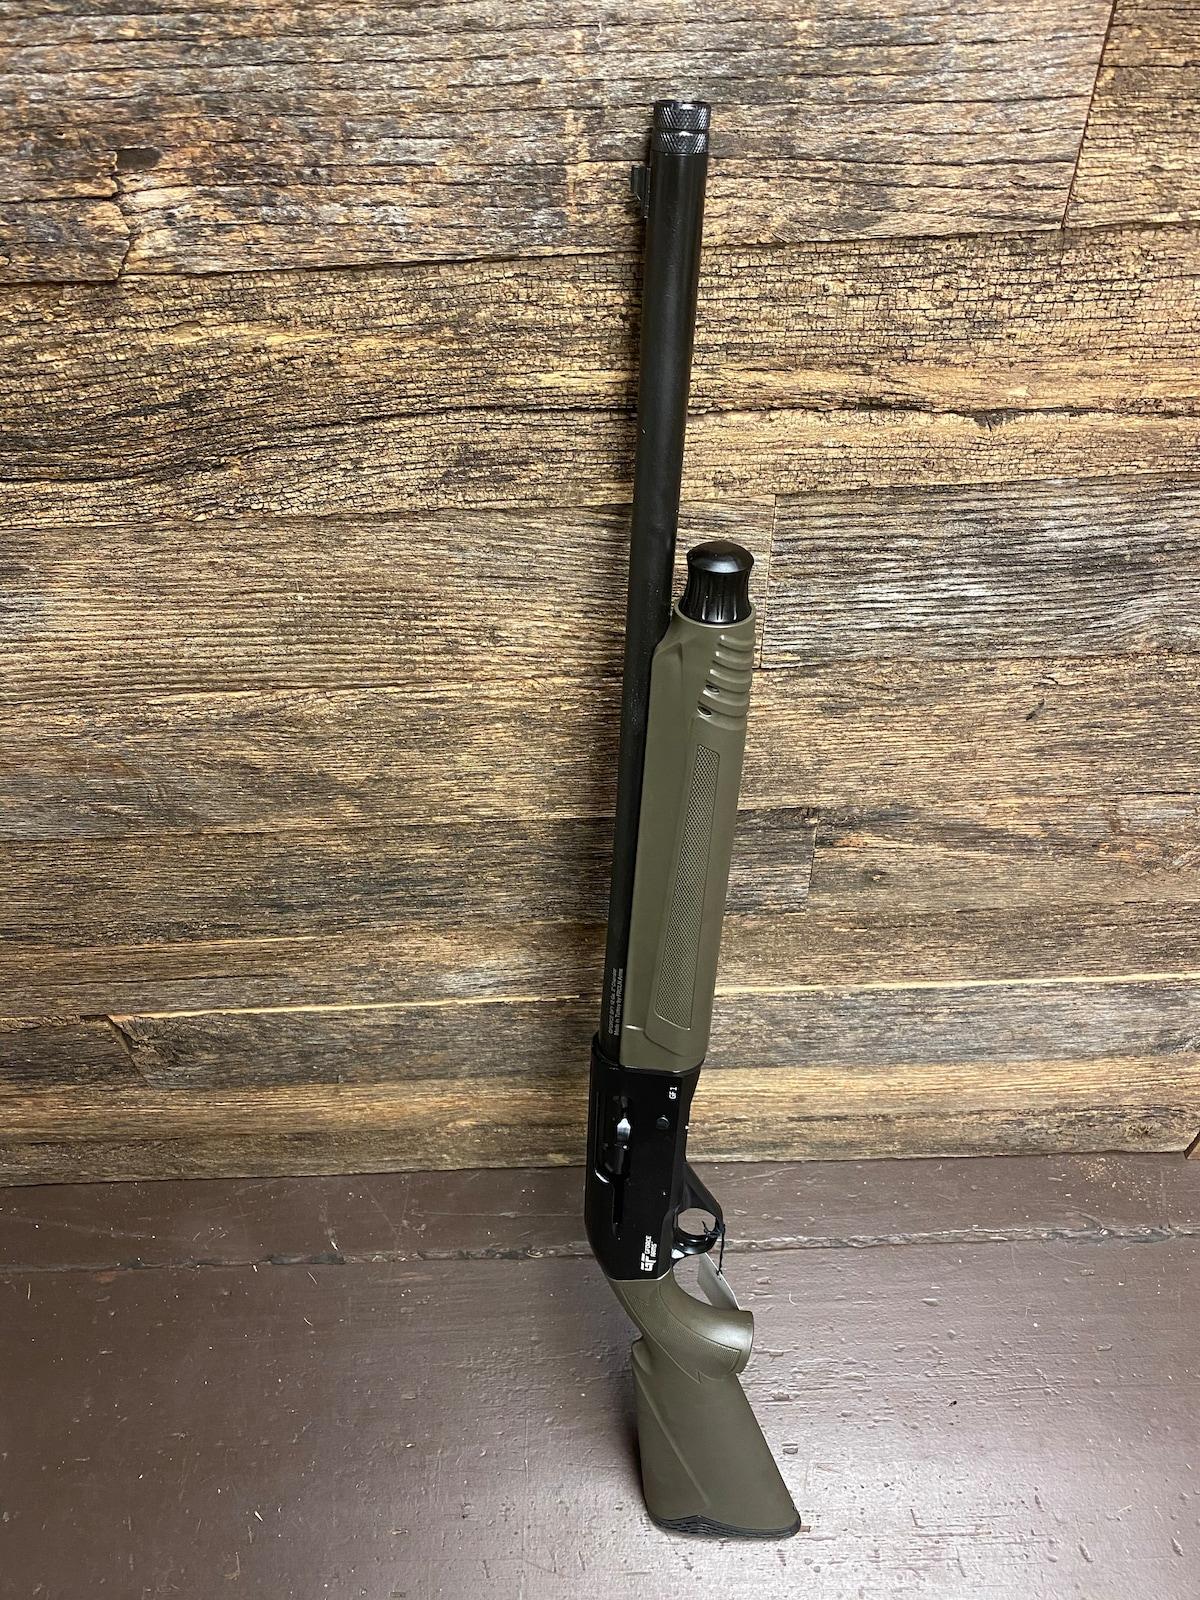 G FORCE ARMS GF-1 Tactical Shotgun